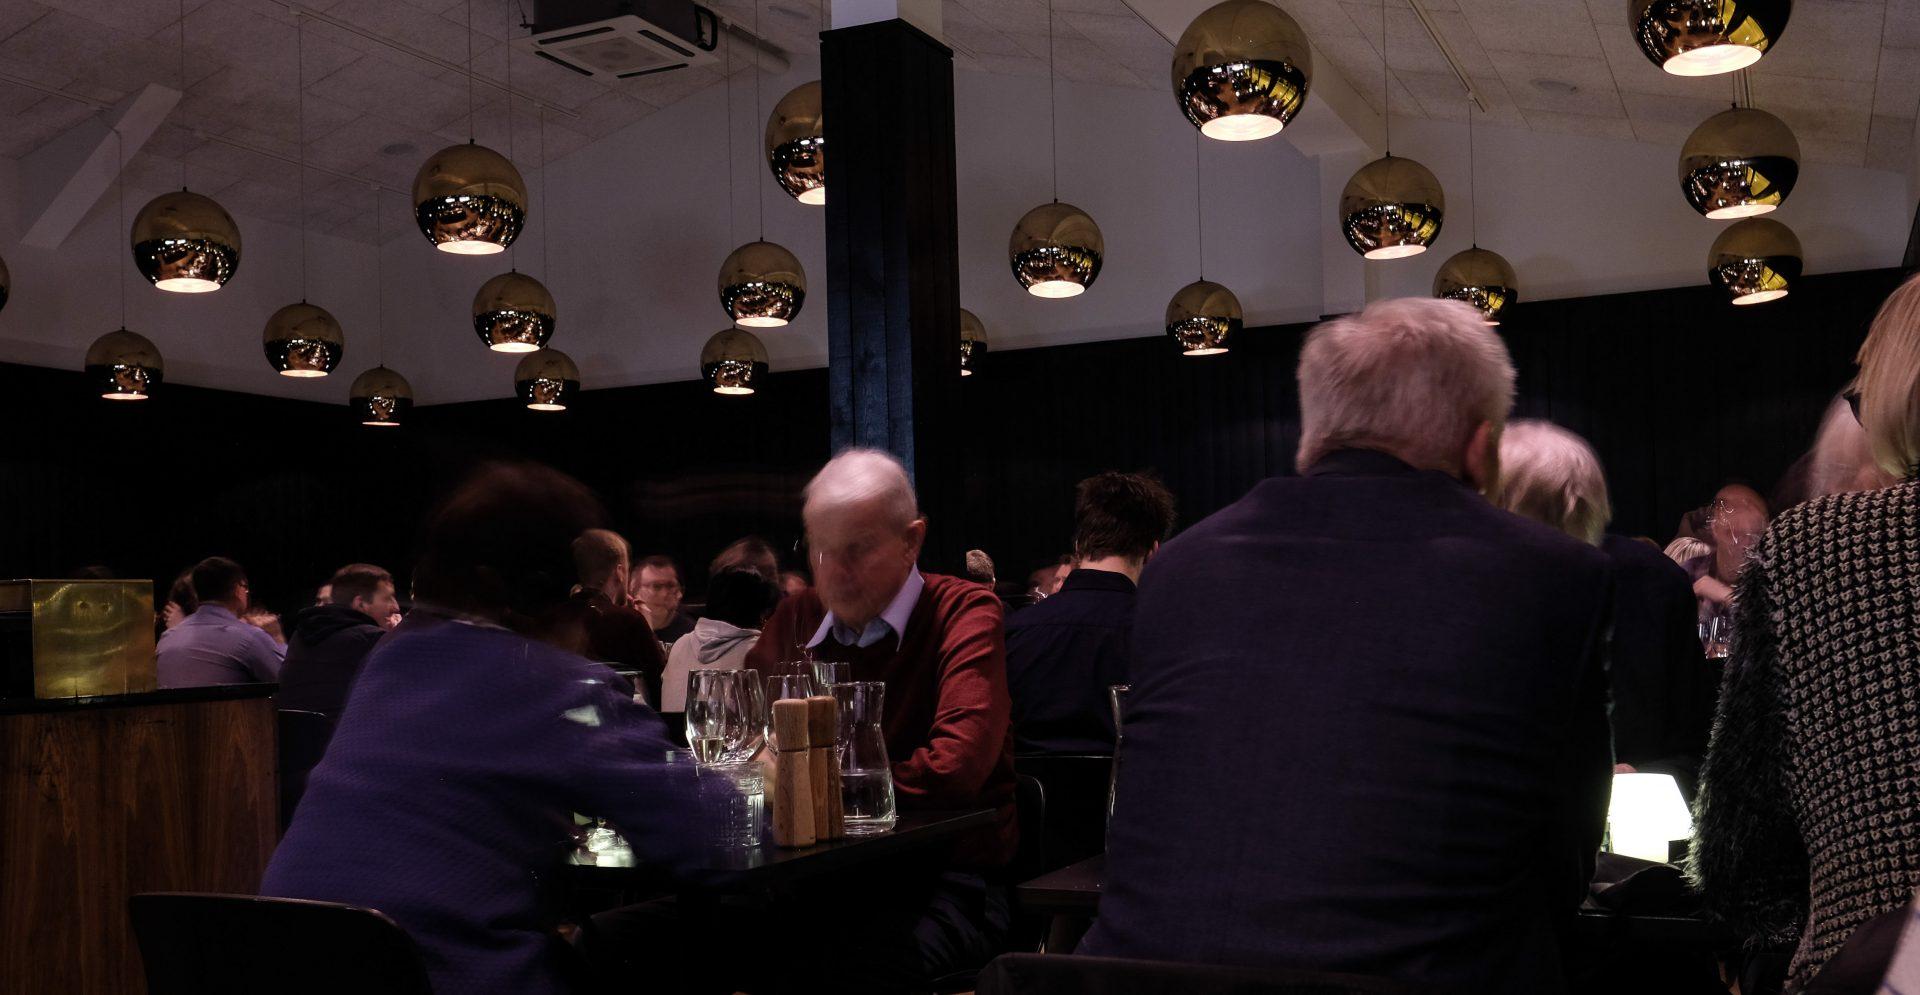 Vanvittige Koch: 395 kroner for en aften med rigelige mængder vin, øl, cognac og velsmagende mad